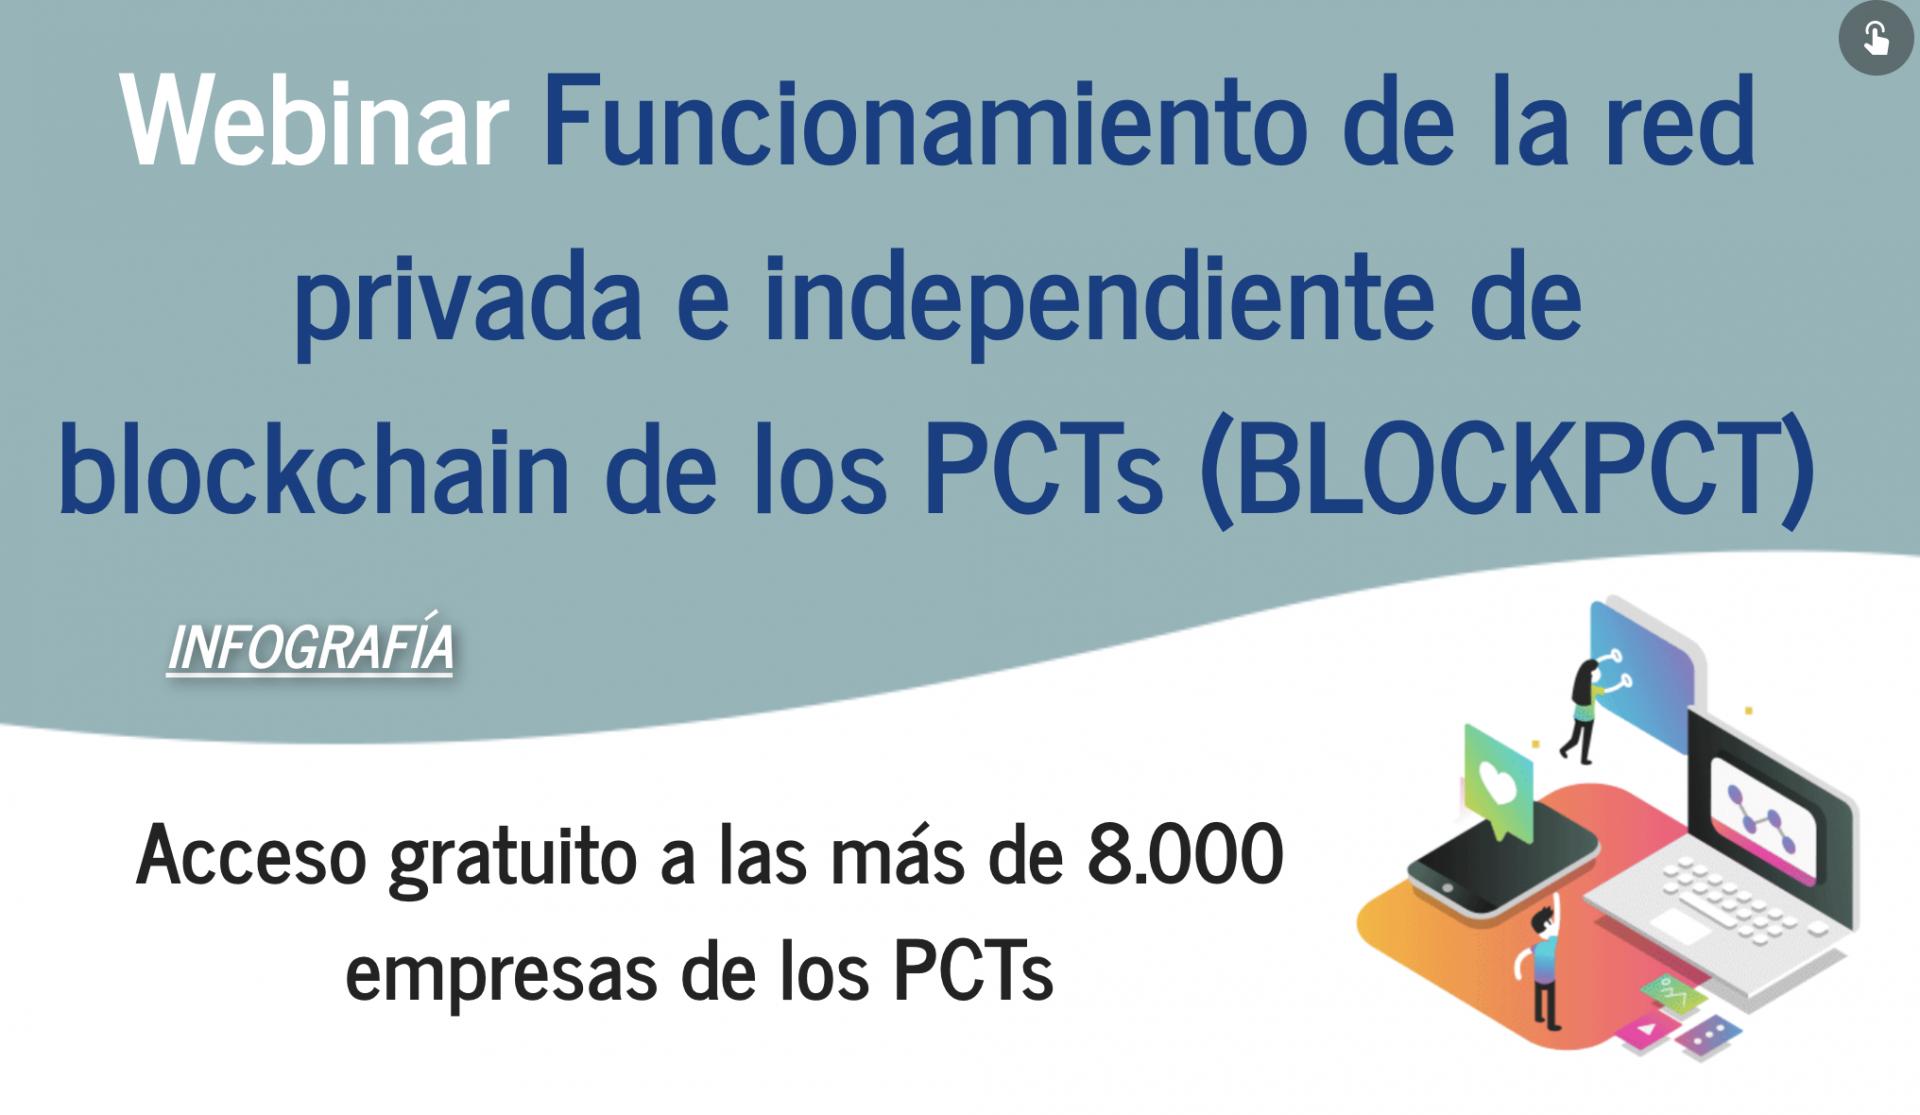 Infografia Webinar funcionamiento de la red privada e independiente de blockchain de los PCTs